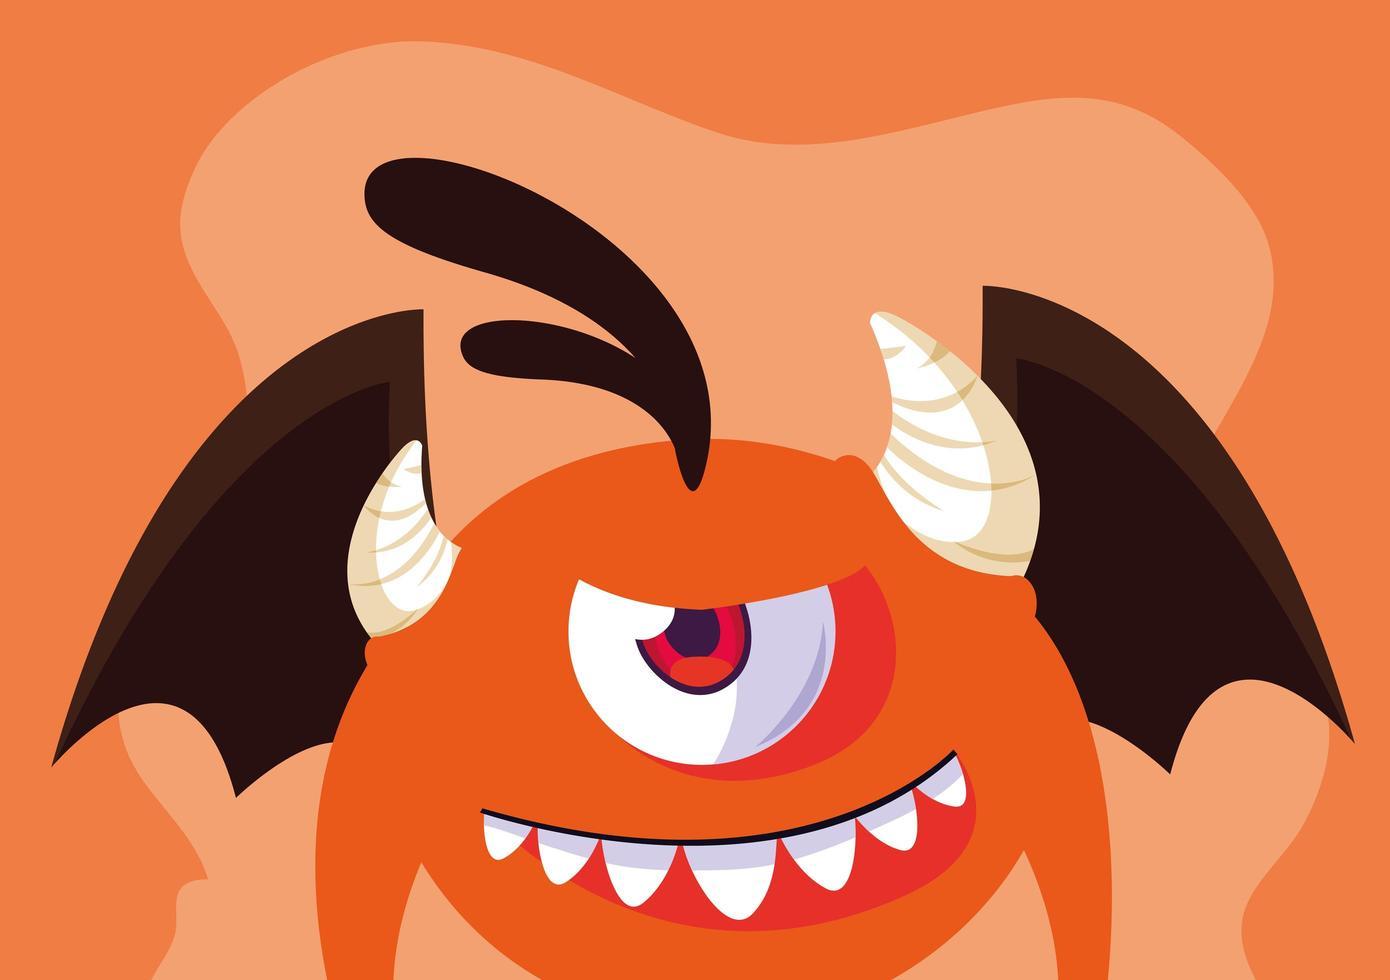 icona del design del fumetto mostro arancione vettore